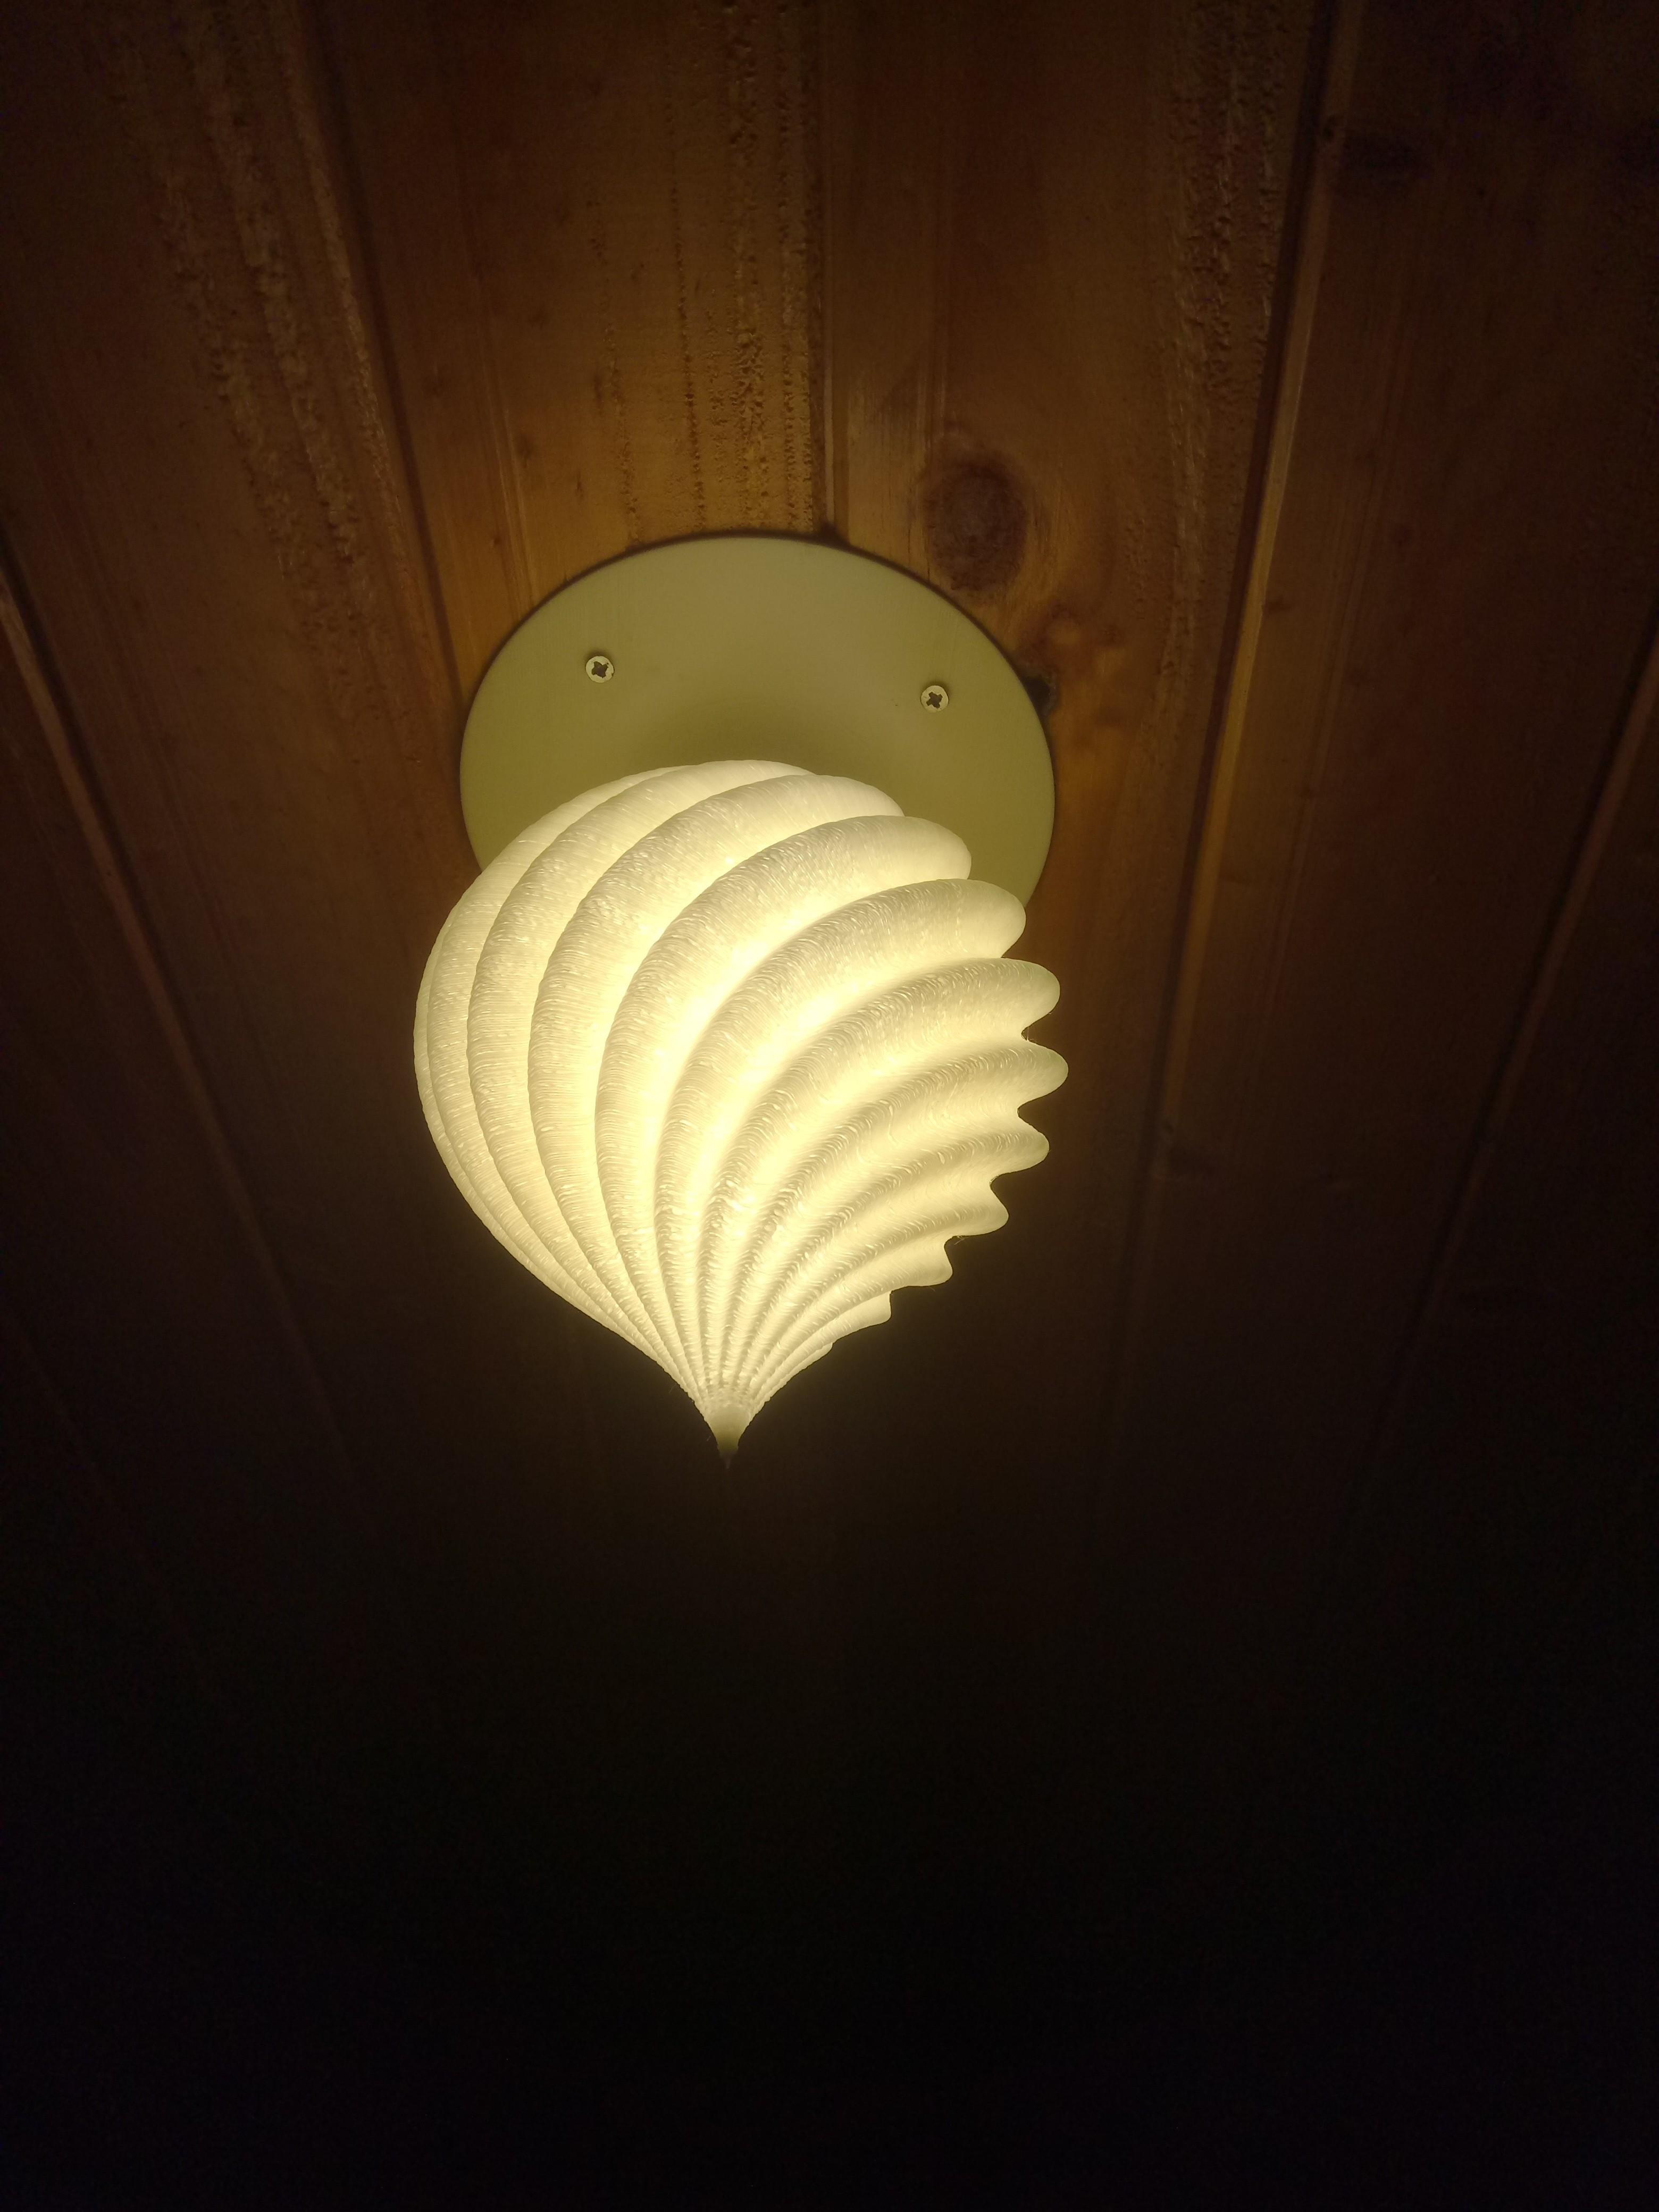 DSC_3704.JPG Download free STL file Roof Lamp Spiral_1 • 3D printing design, JaimeGR